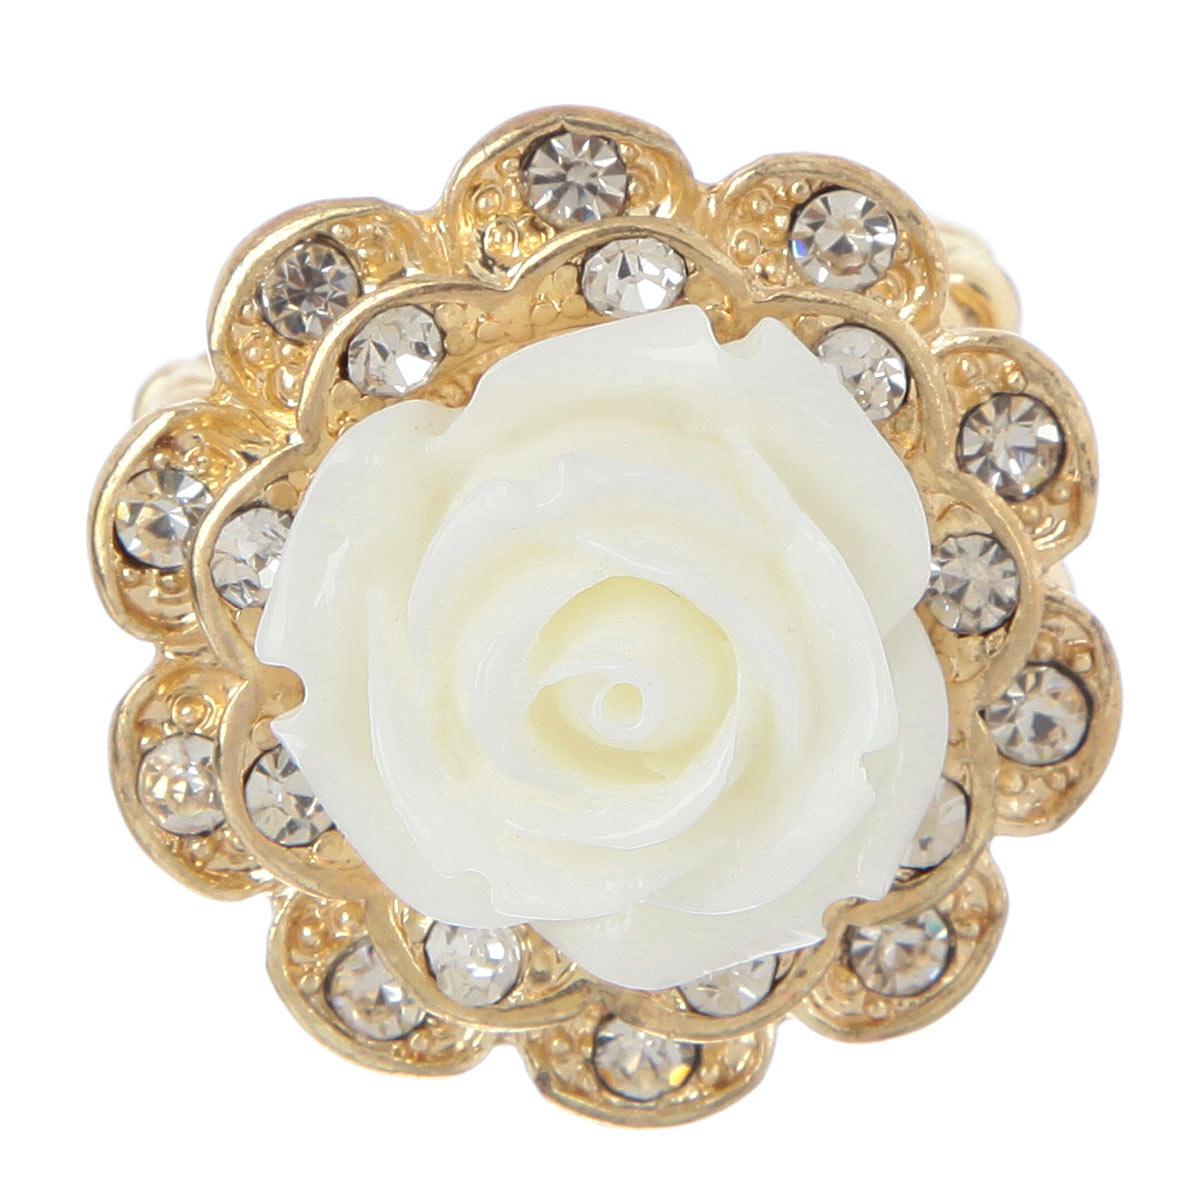 Кольцо Avgad, цвет: золотистый, белый. EA178JW174EA178JW162Оригинальное кольцо Avgad, выполненное из ювелирного сплава, дополнено белой розой из акрила и стразами. Оно позволит вам с легкостью создать собственный, неповторимый образ. Элементы соединены с помощью тонкой резинки, благодаря этому оно легко одевается и снимается. Размер универсальный.